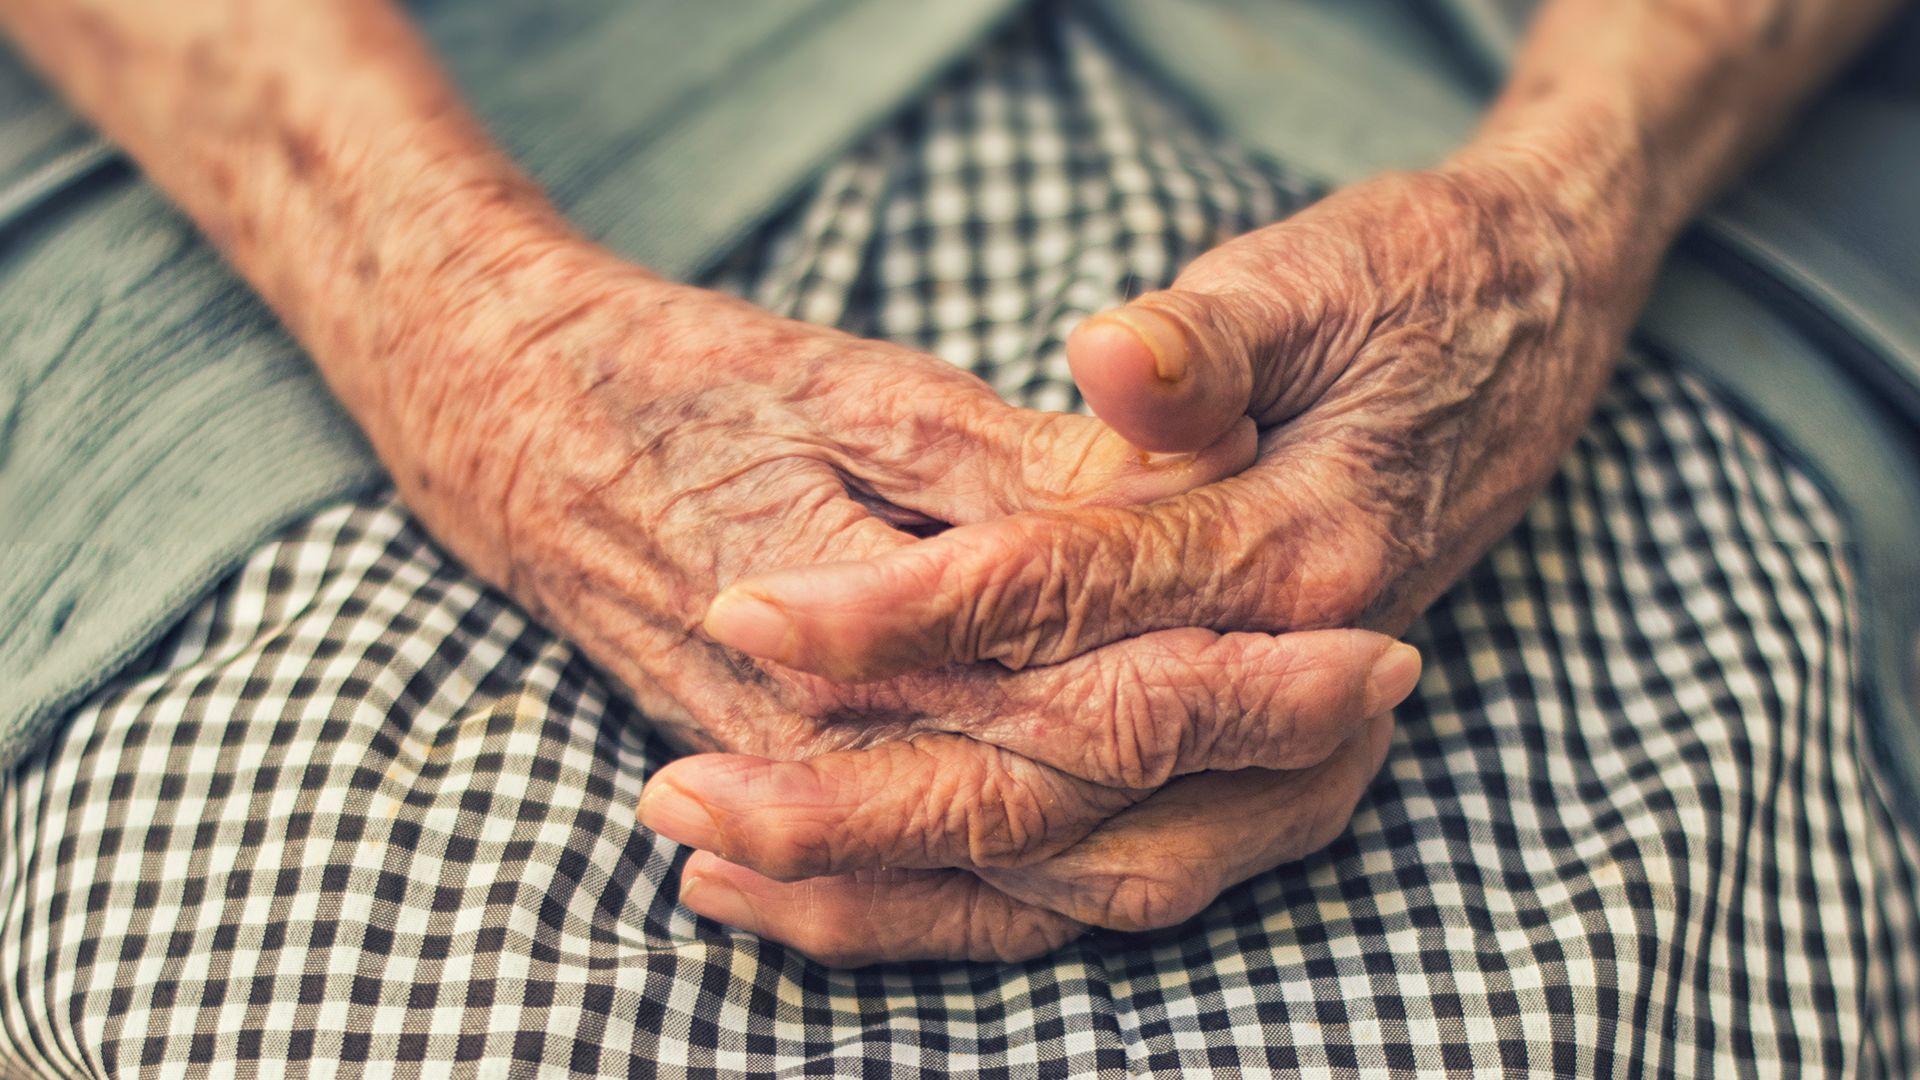 Az idősotthonok a legveszélyeztetettebb intézmények Fotó: Unsplash